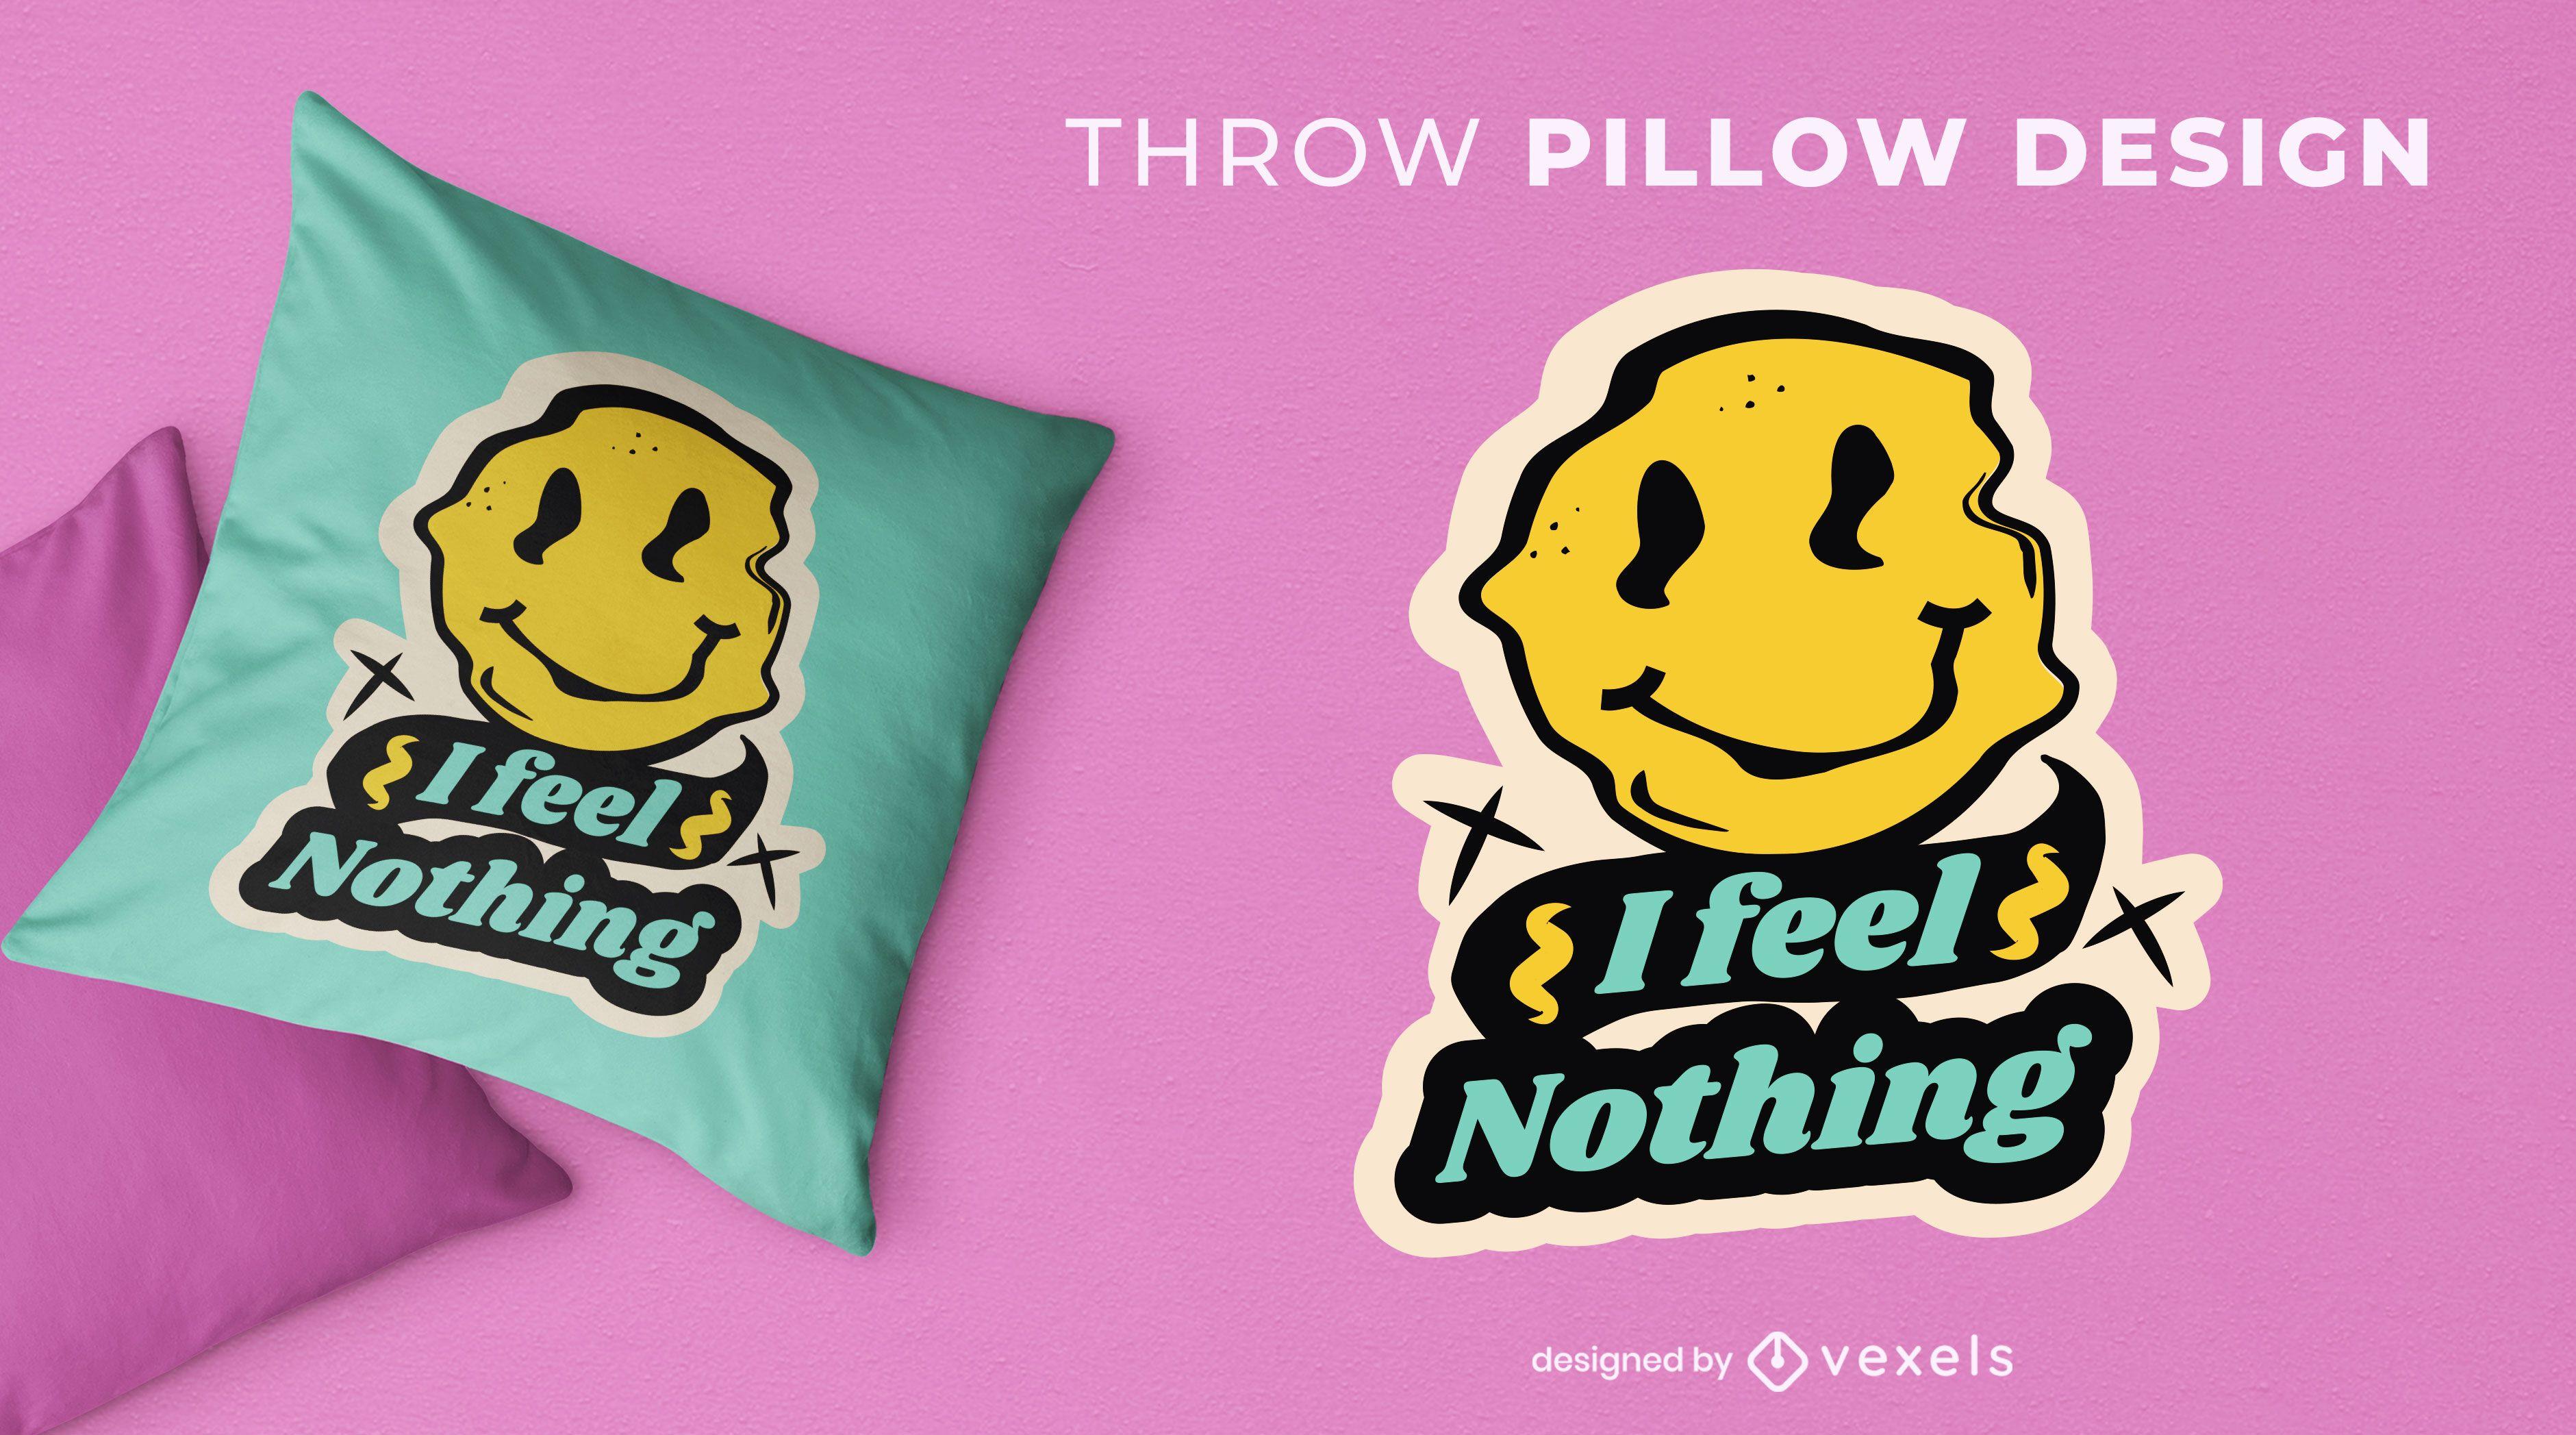 No siento nada diseño de almohada